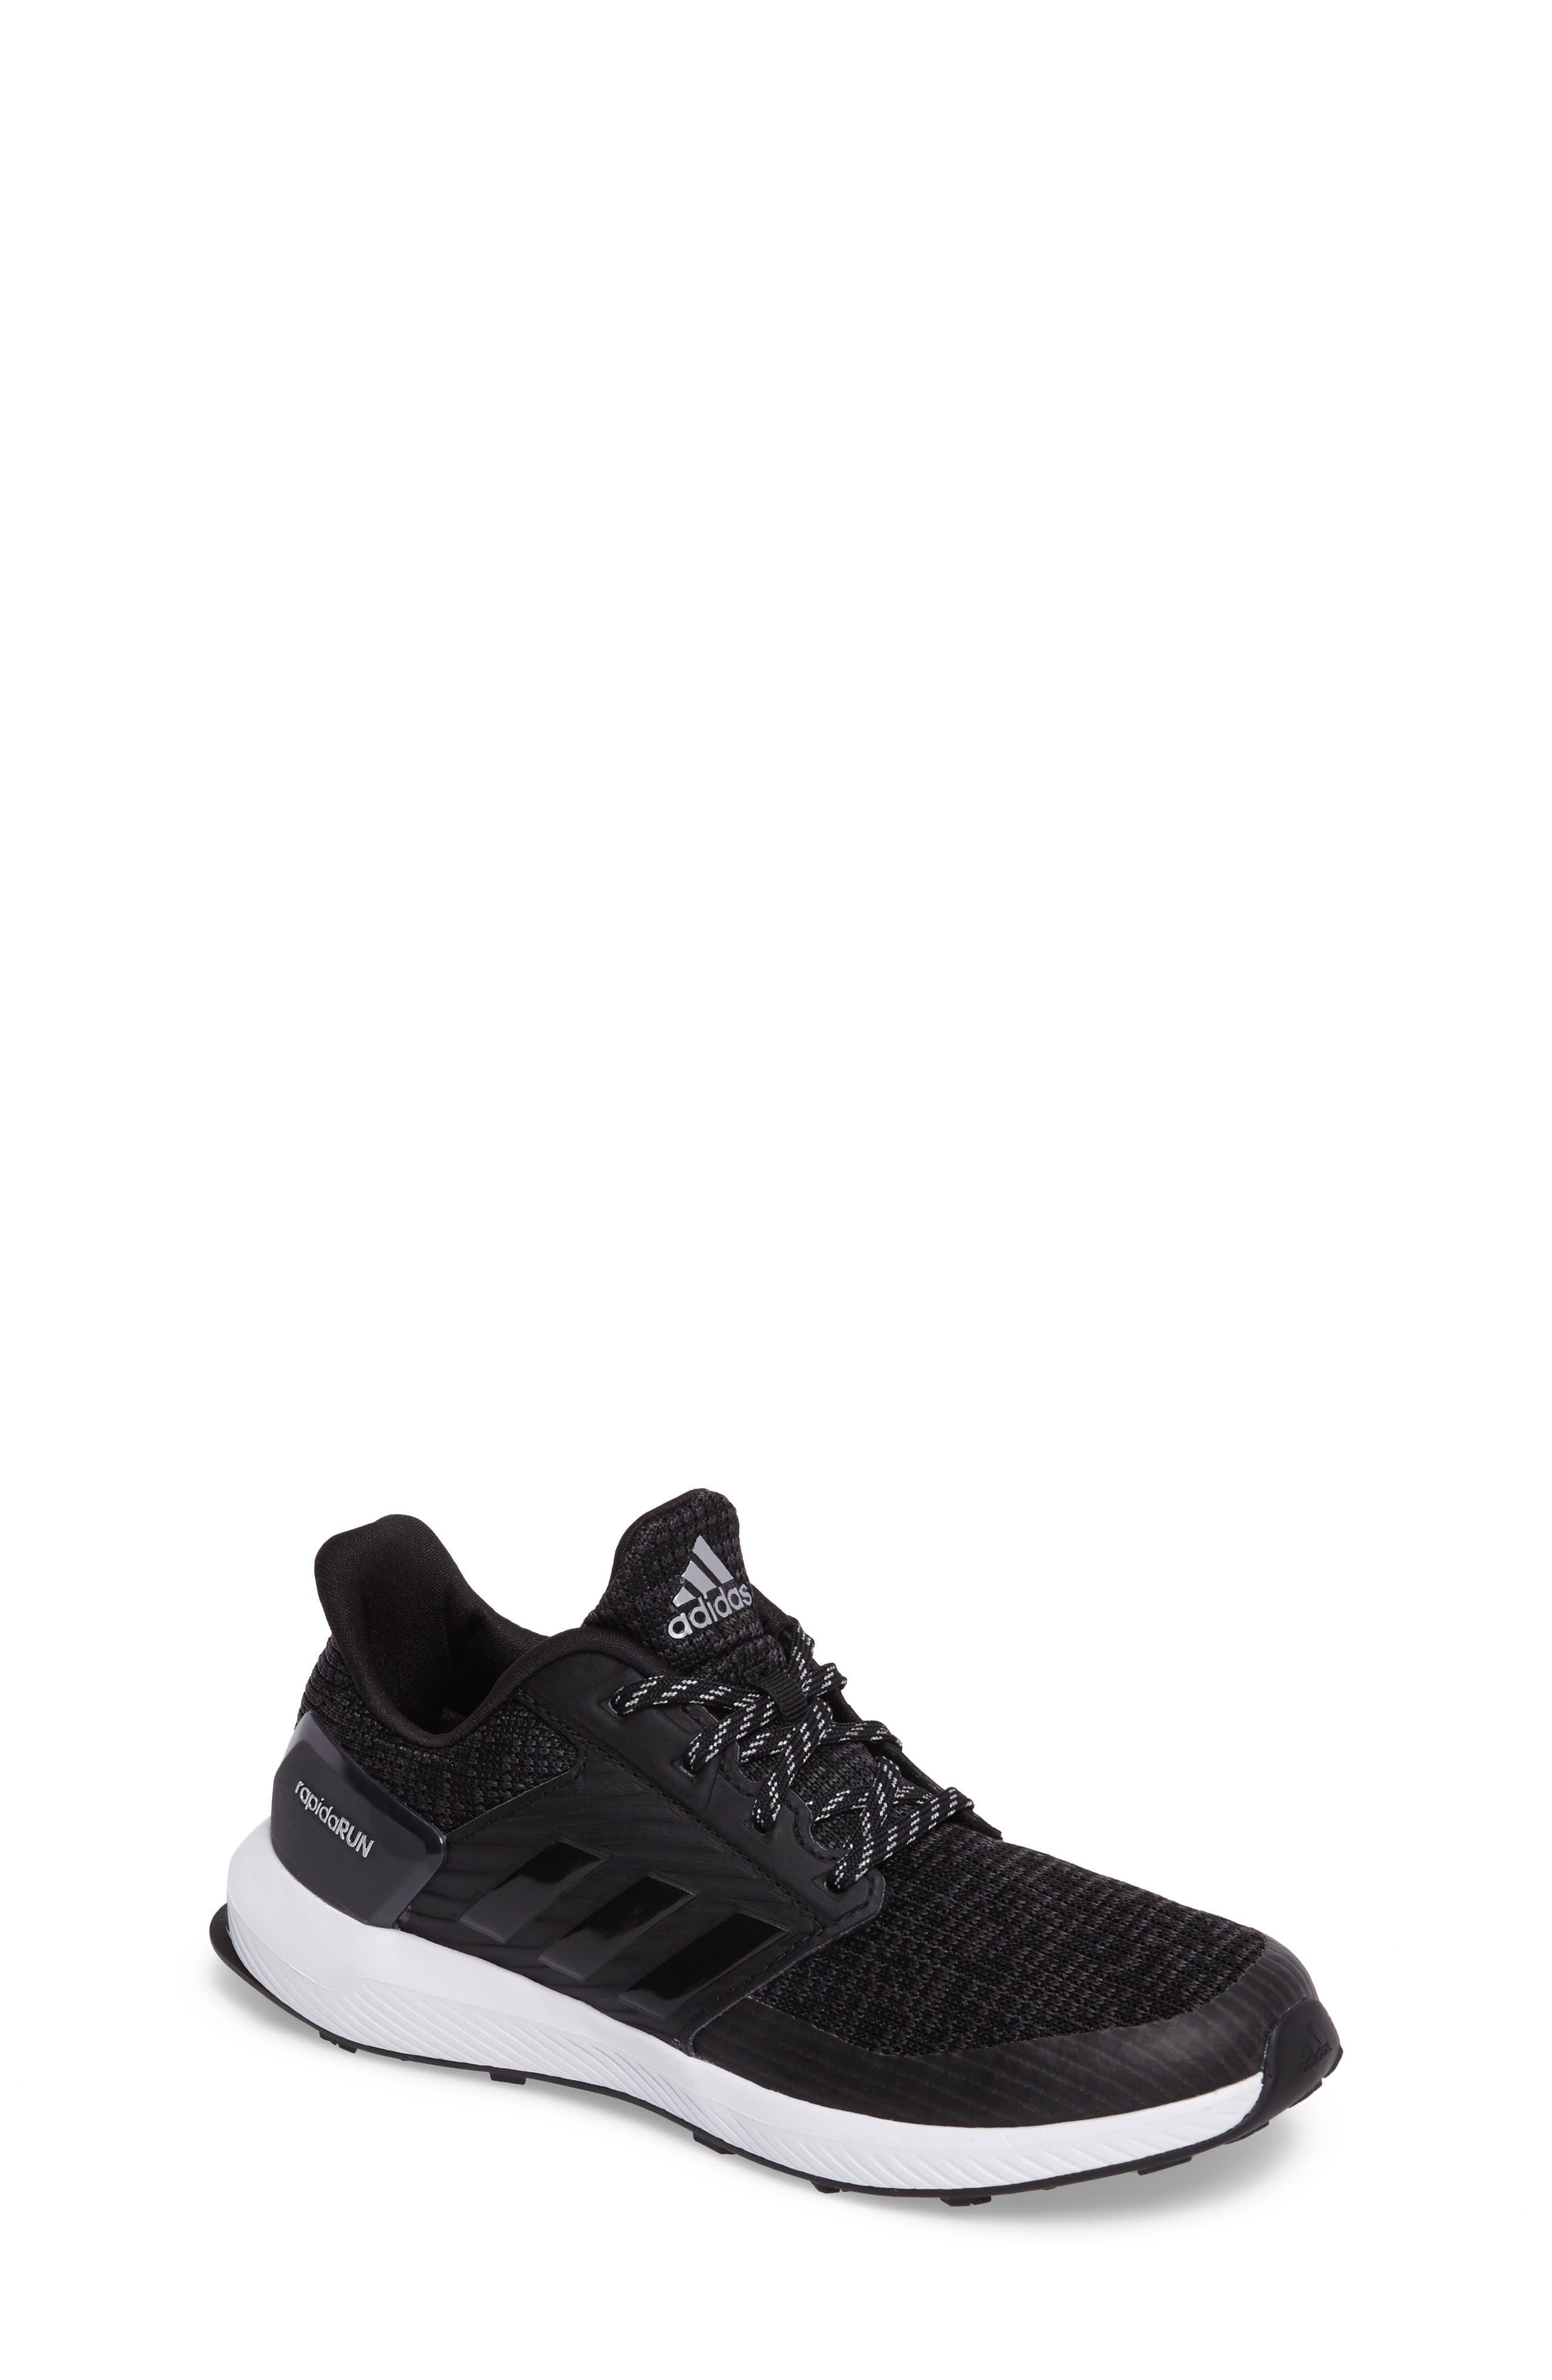 RapidaRUN Lux Sneaker,                         Main,                         color, Core Black/ White